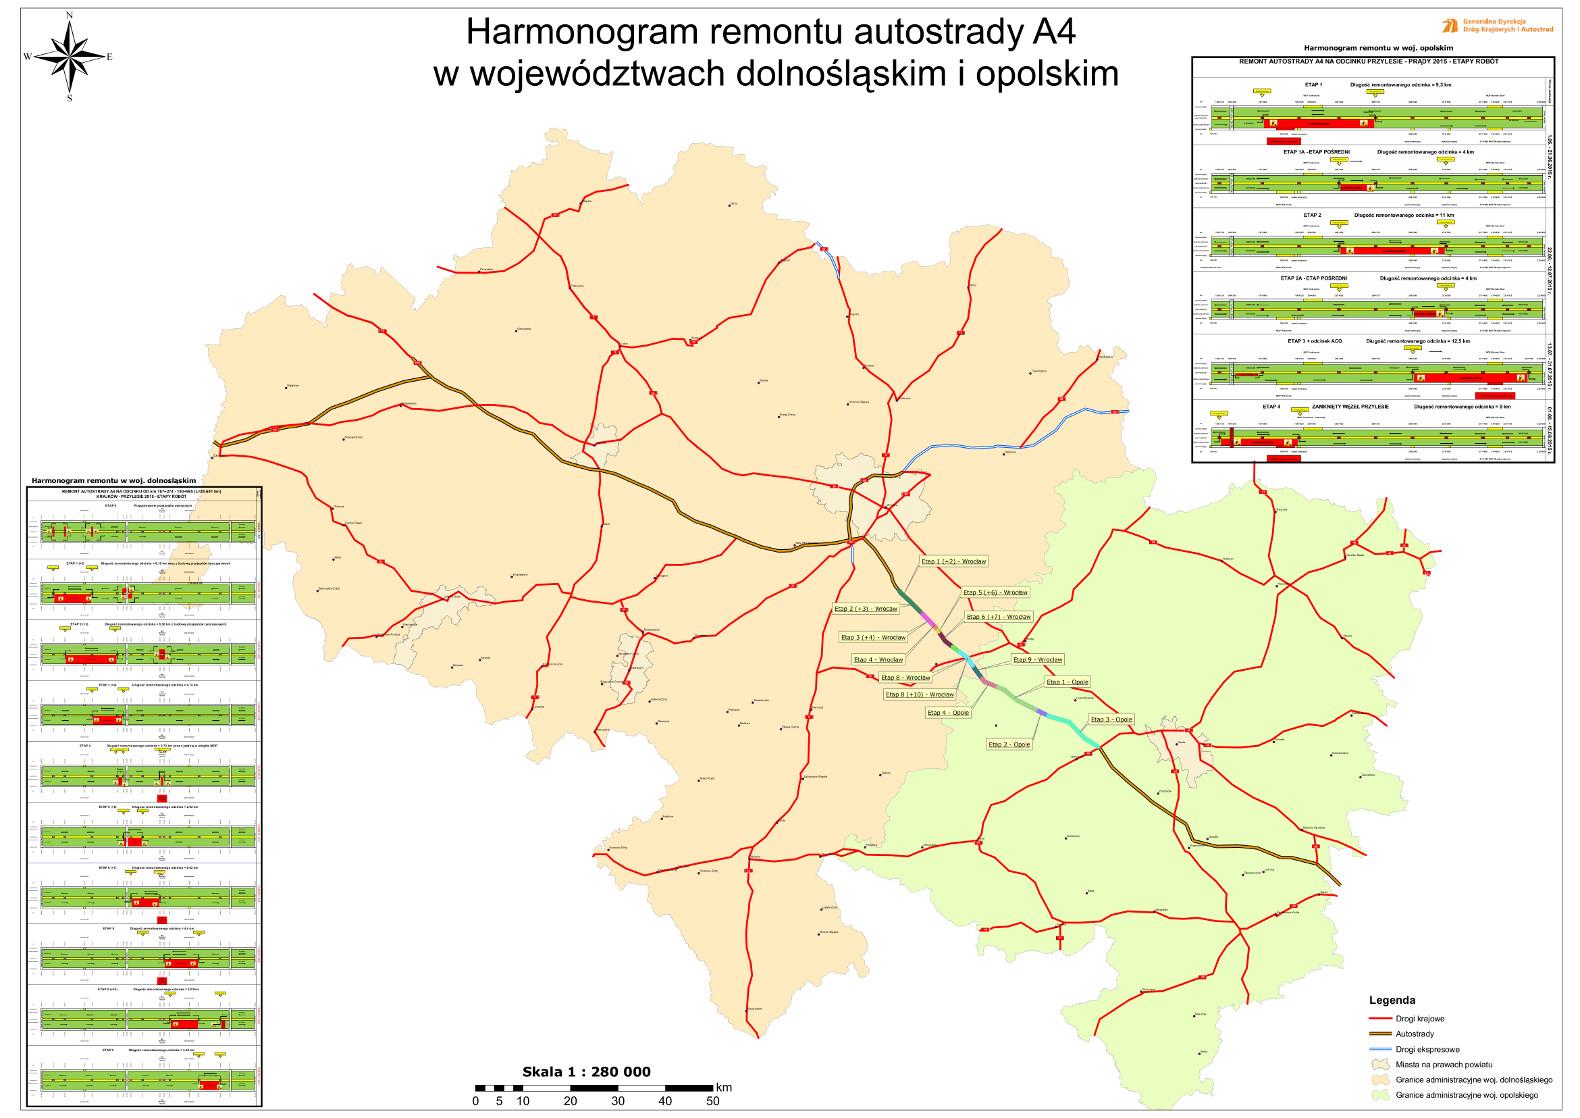 Mapa remontu i utrudnień na autostradzie A4 w woj. opolskim